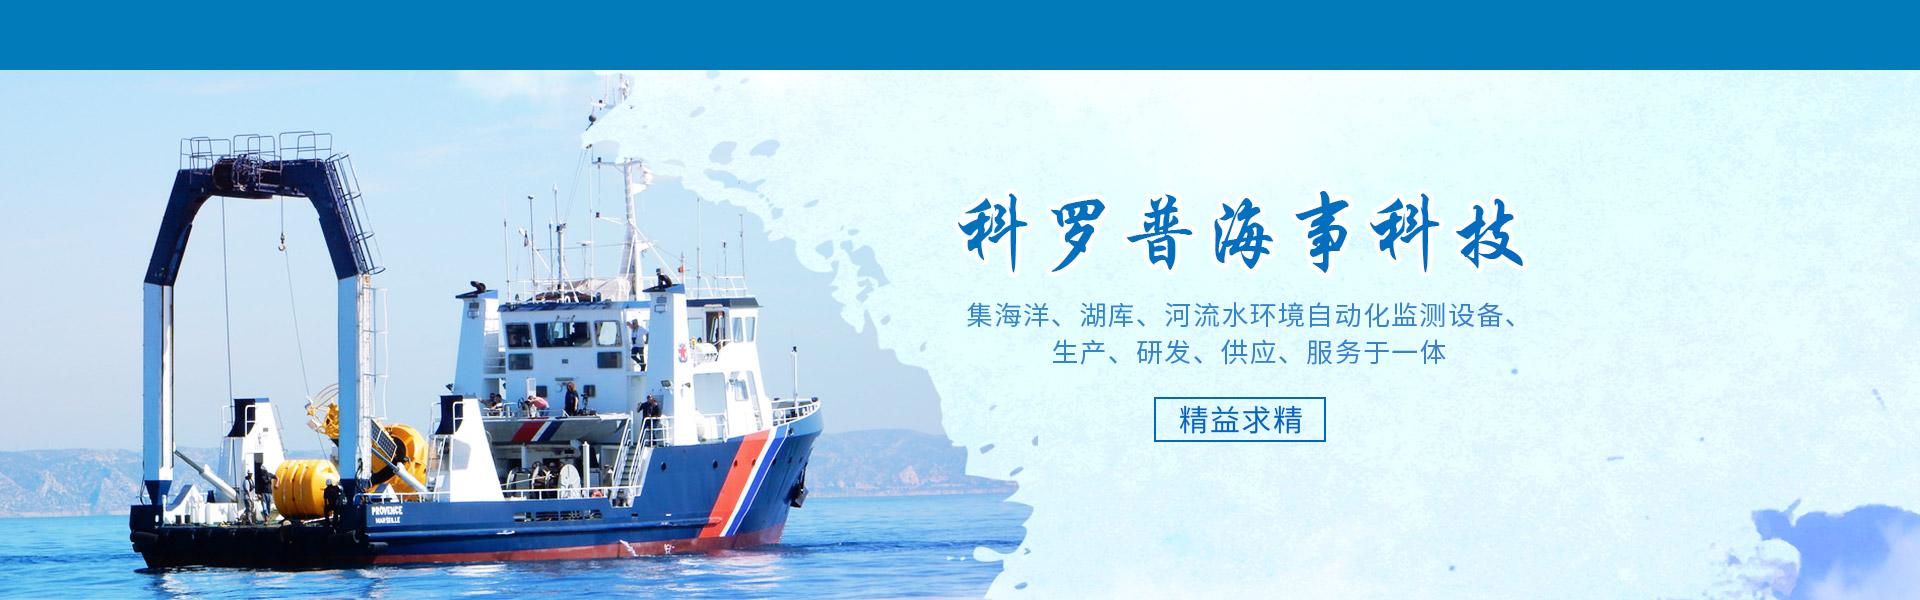 江苏科罗普海事科技有限公司